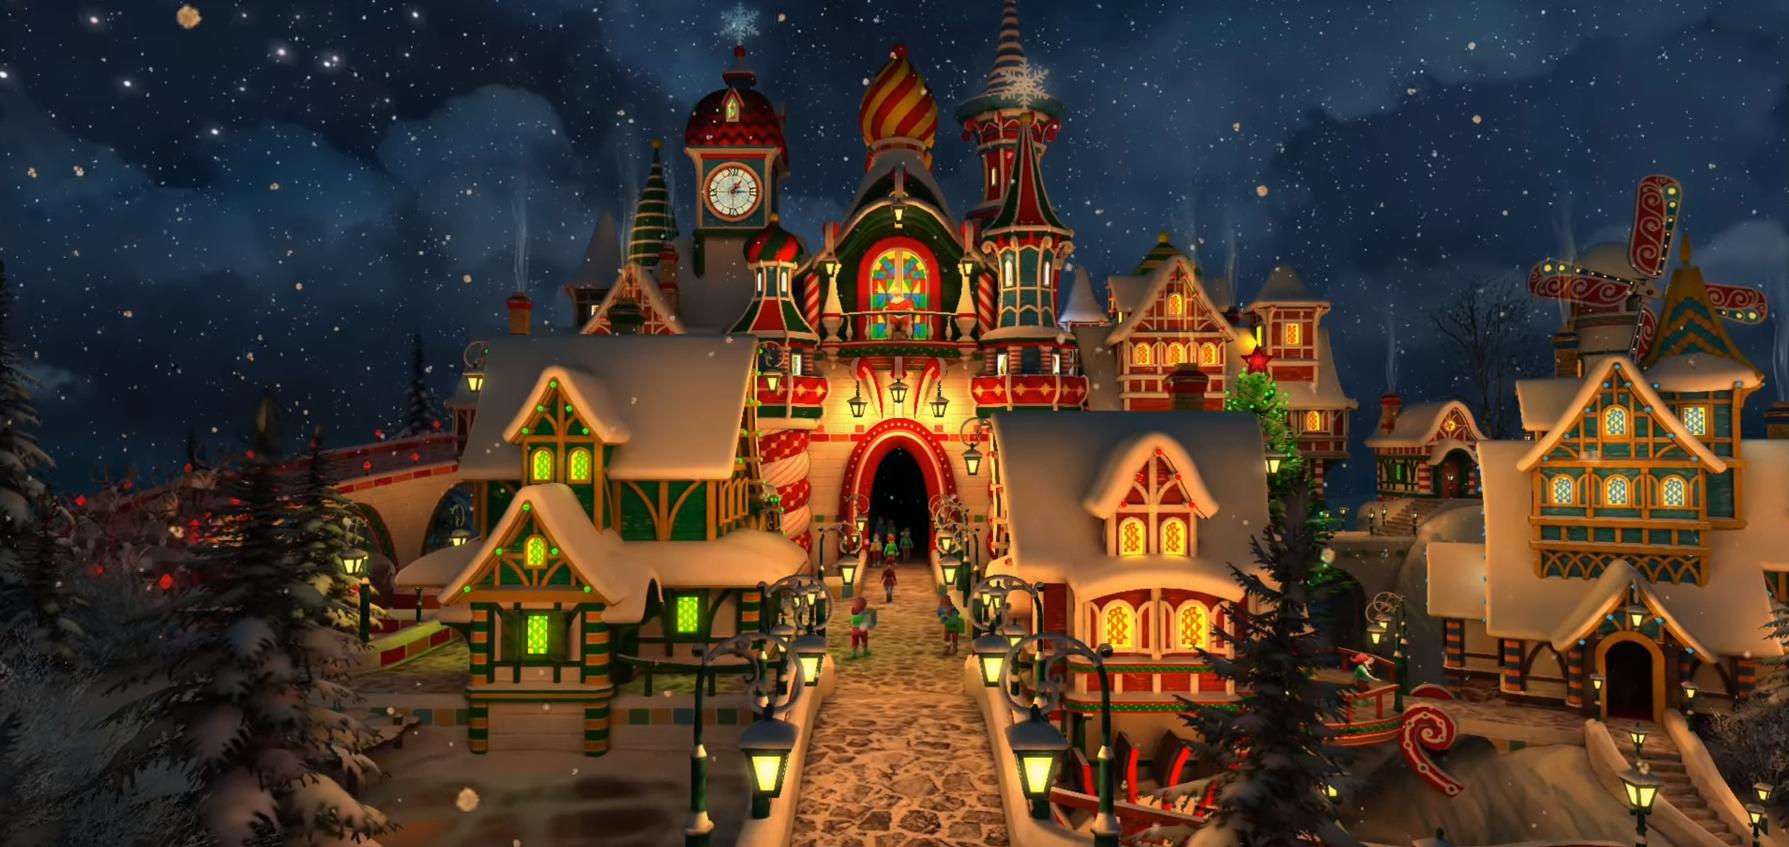 Babbo Natale Polo Nord.Abbiamo Trovato La Casa Di Babbo Natale Christmasvillageworld Com